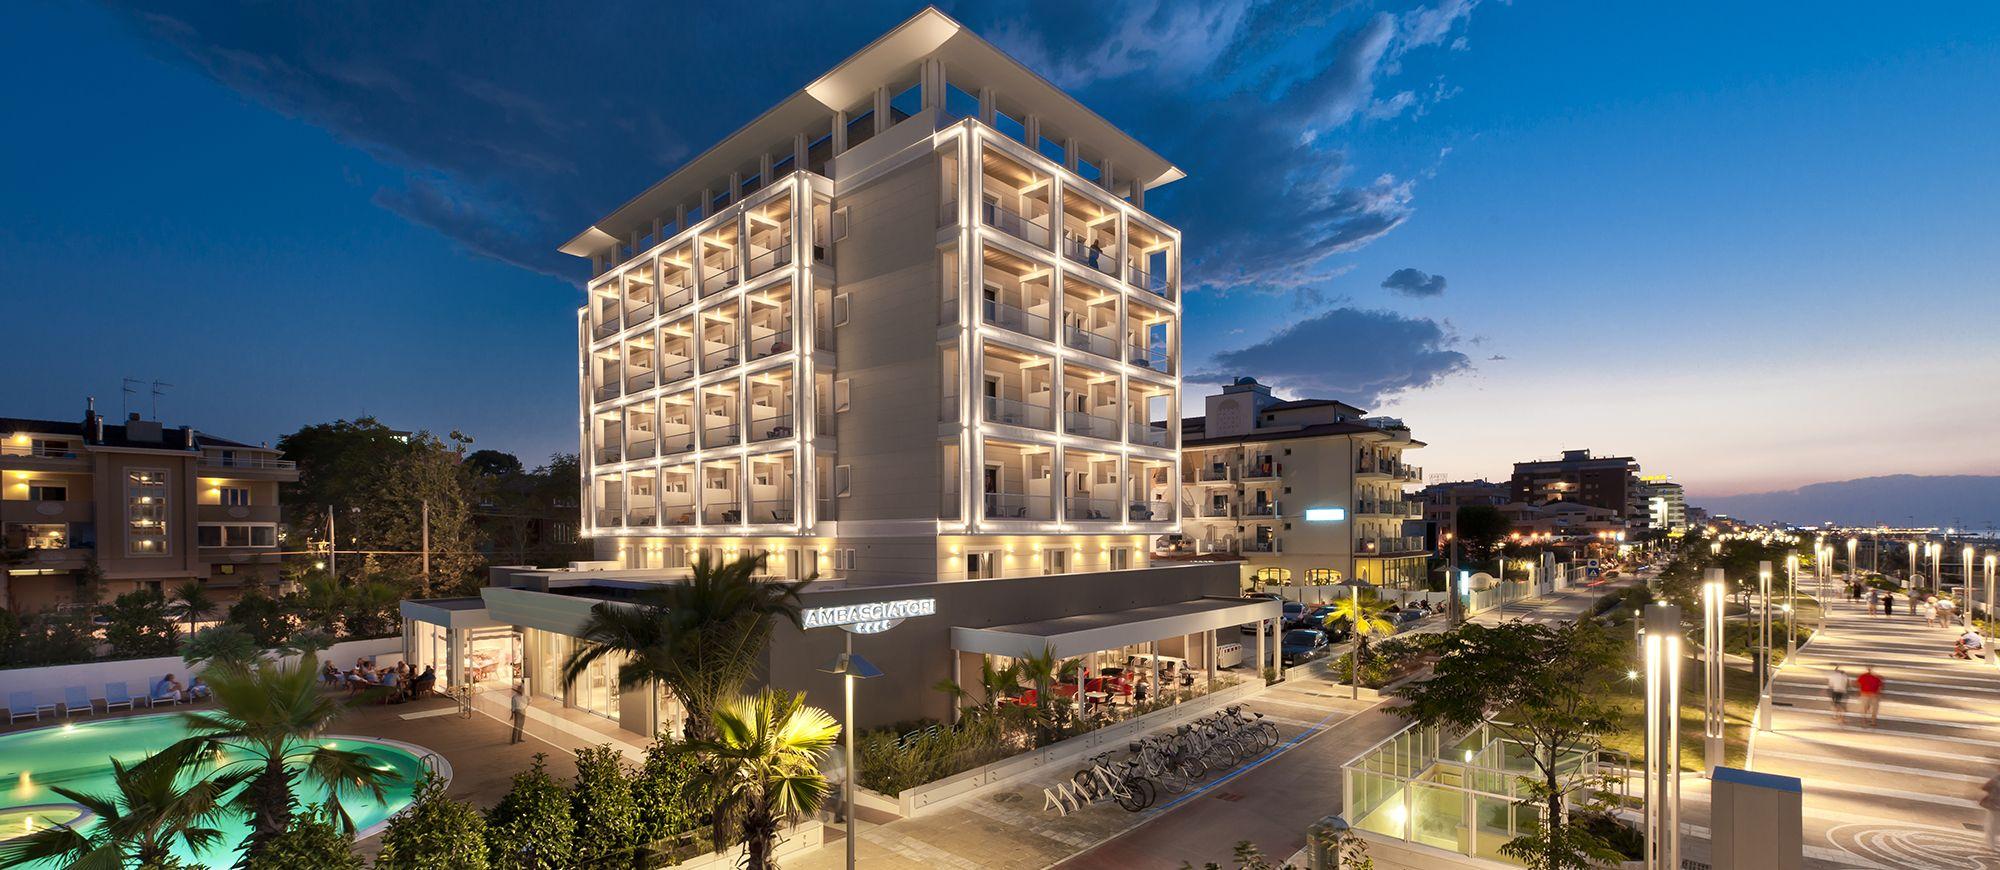 Hotel Con Spa Rimini Riccione